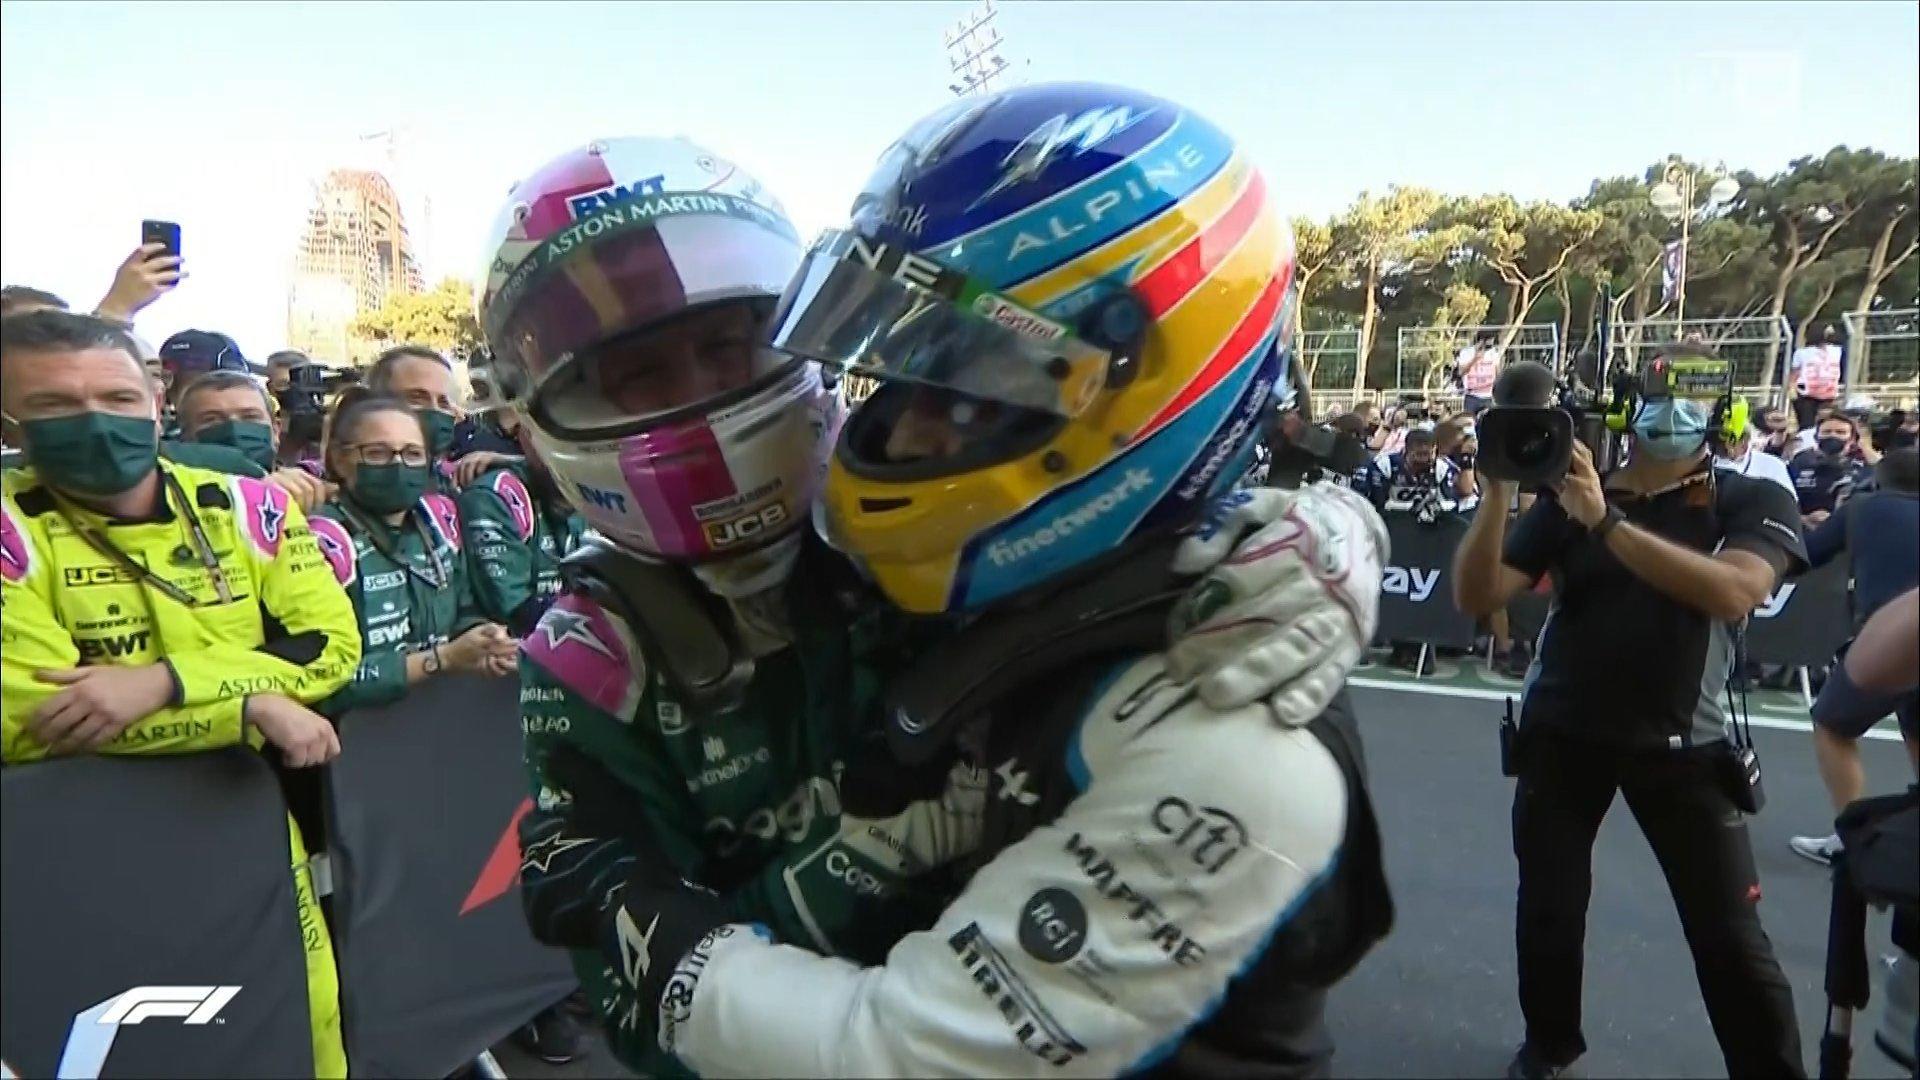 El abrazo entre Vettel y Alonso tras la carrera en Bakú.